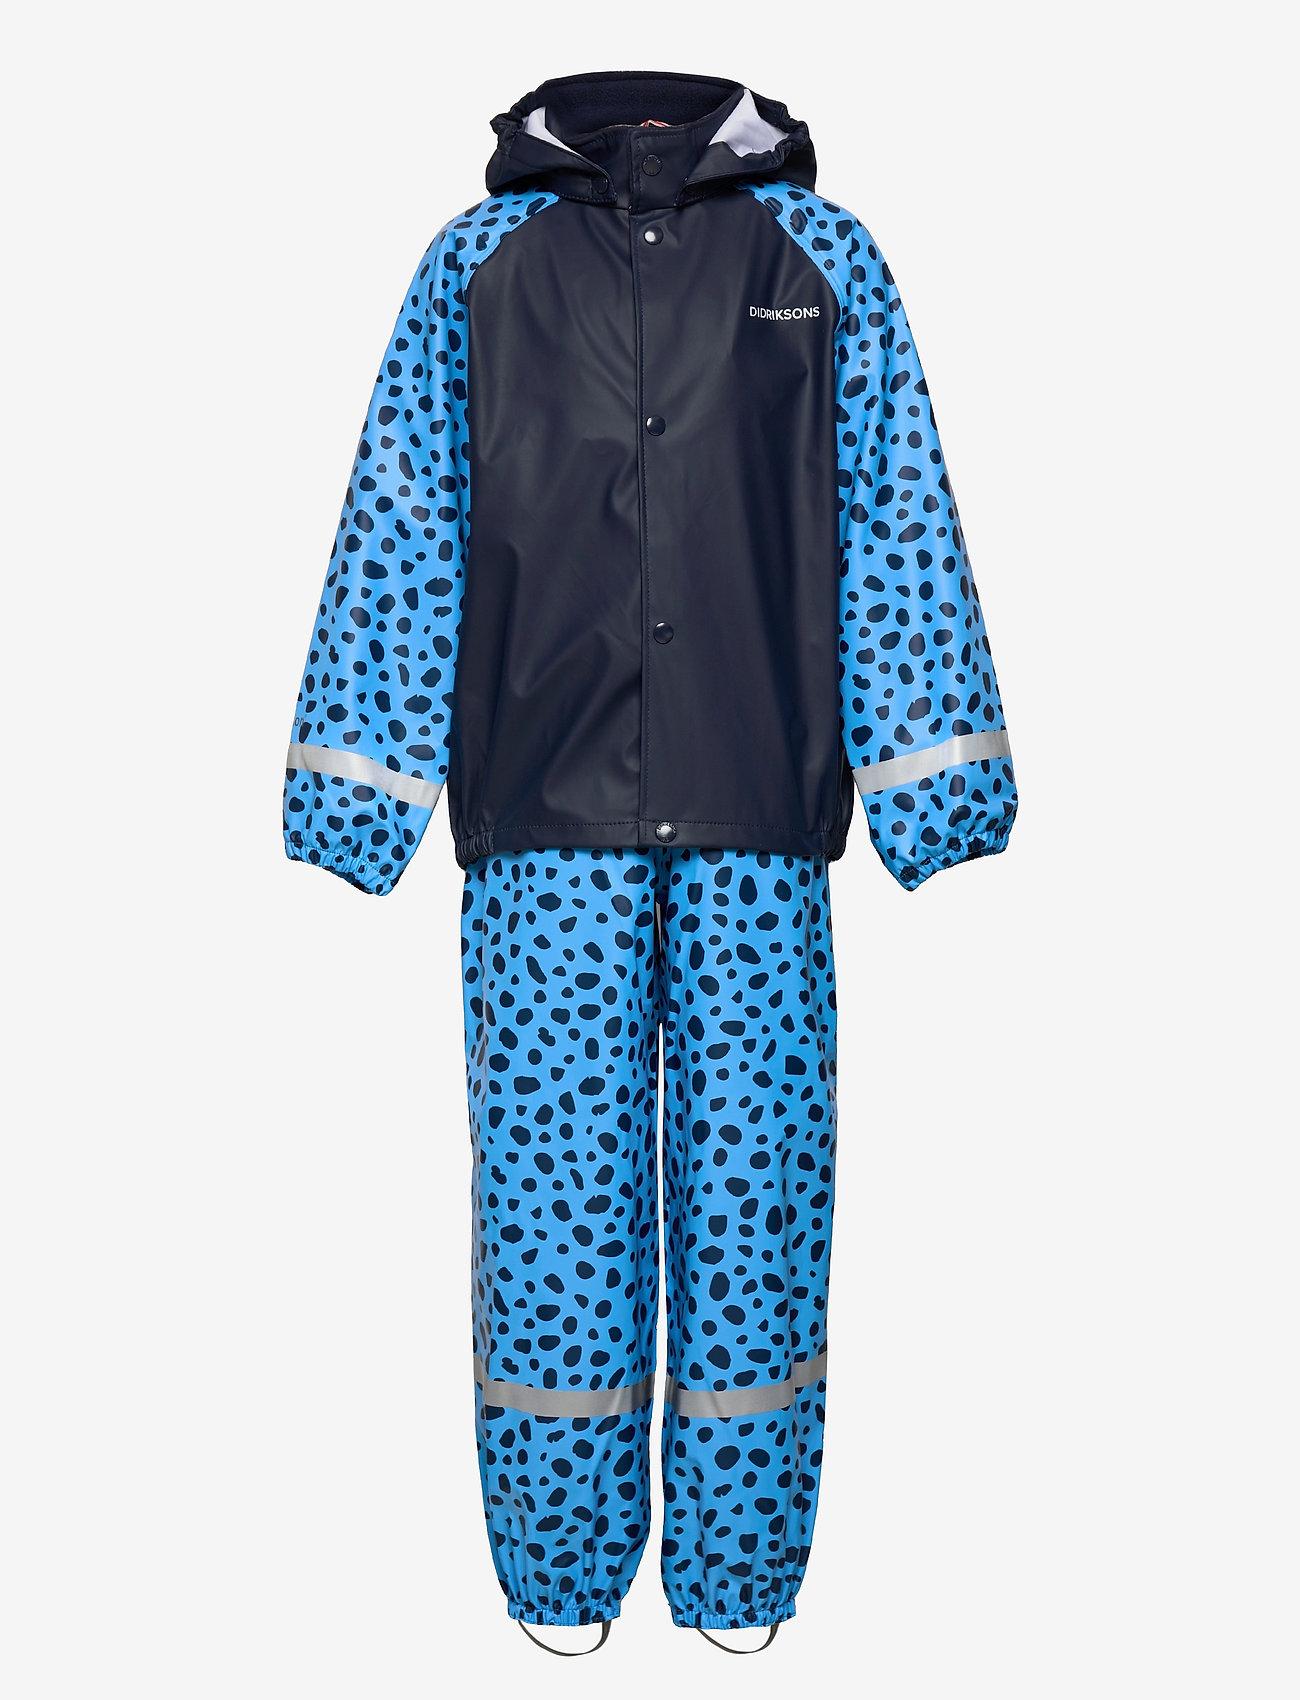 Didriksons - SLASKEMAN PR SET 4 - sets & suits - breeze blue dots - 1